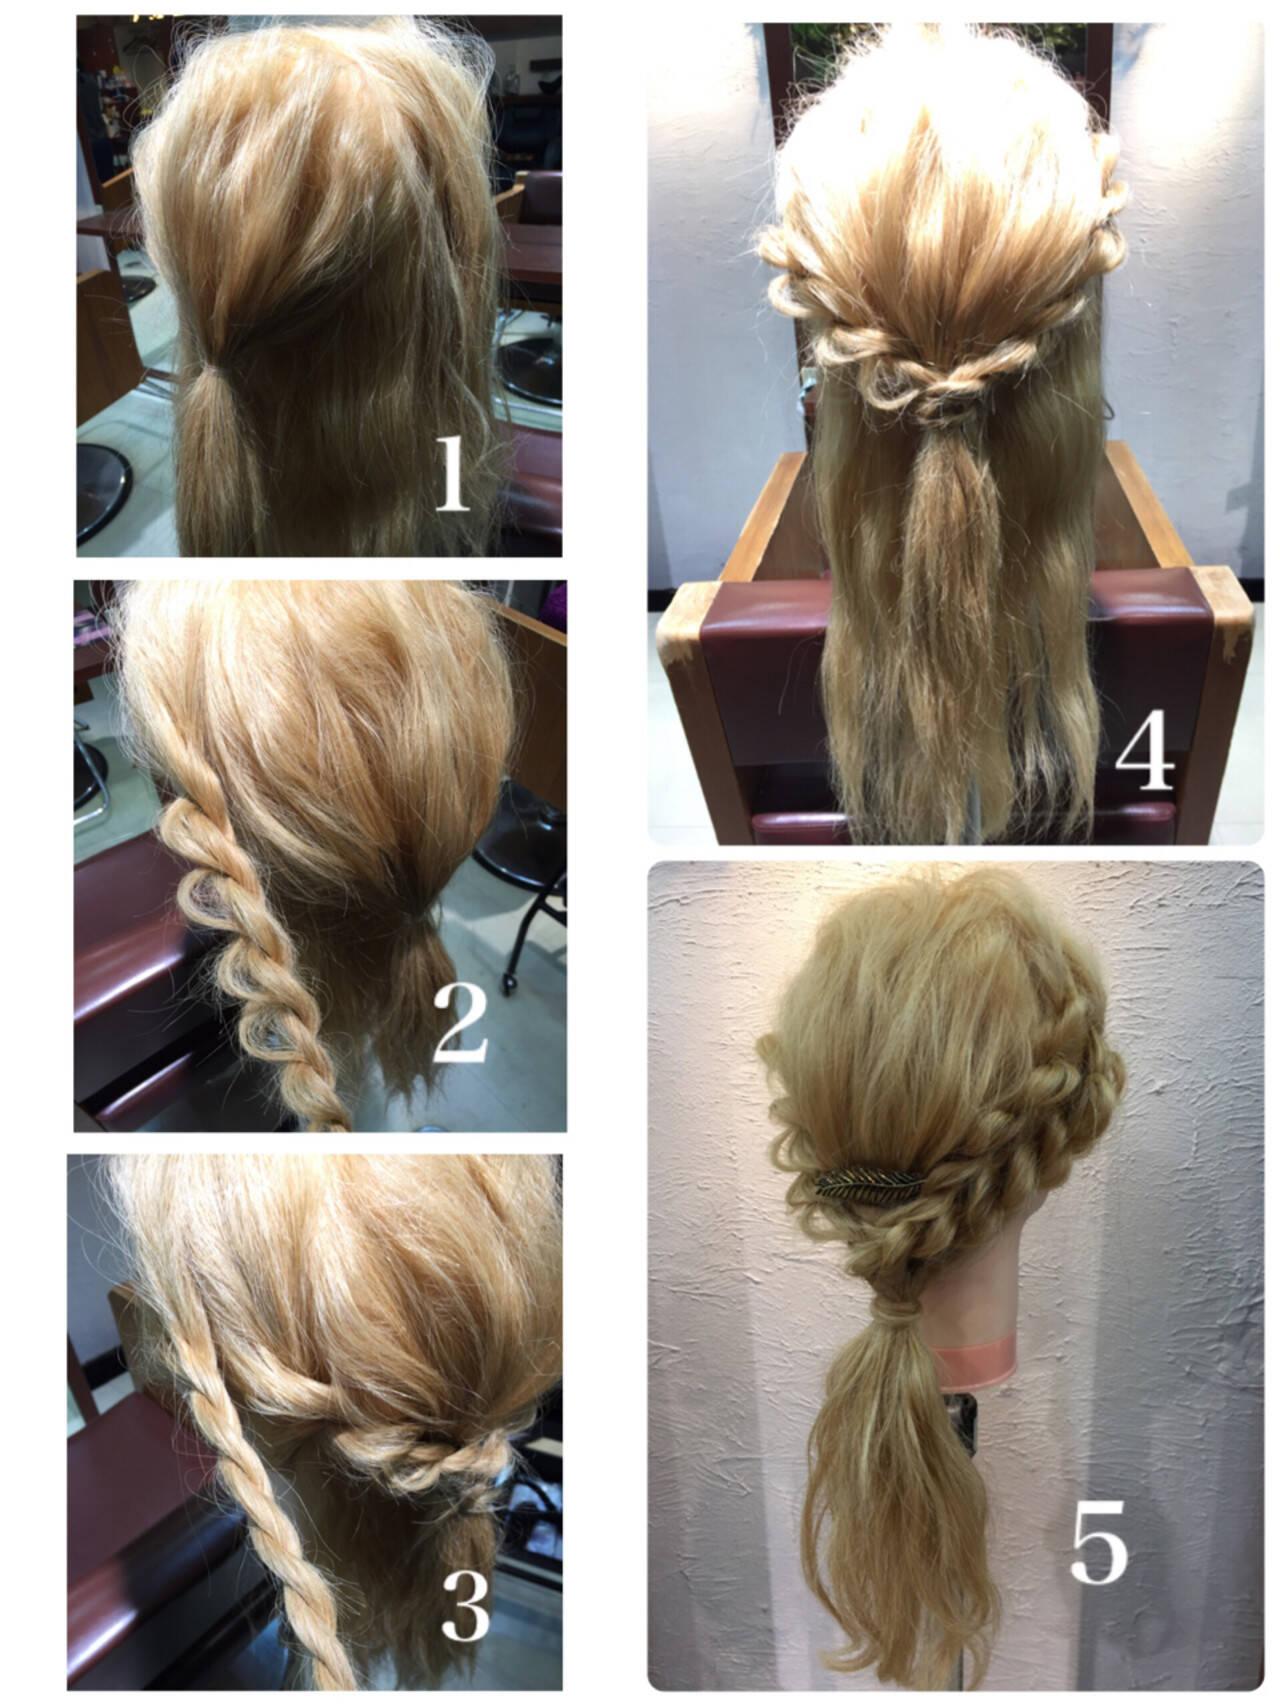 セミロング ハーフアップ 簡単ヘアアレンジ ショートヘアスタイルや髪型の写真・画像